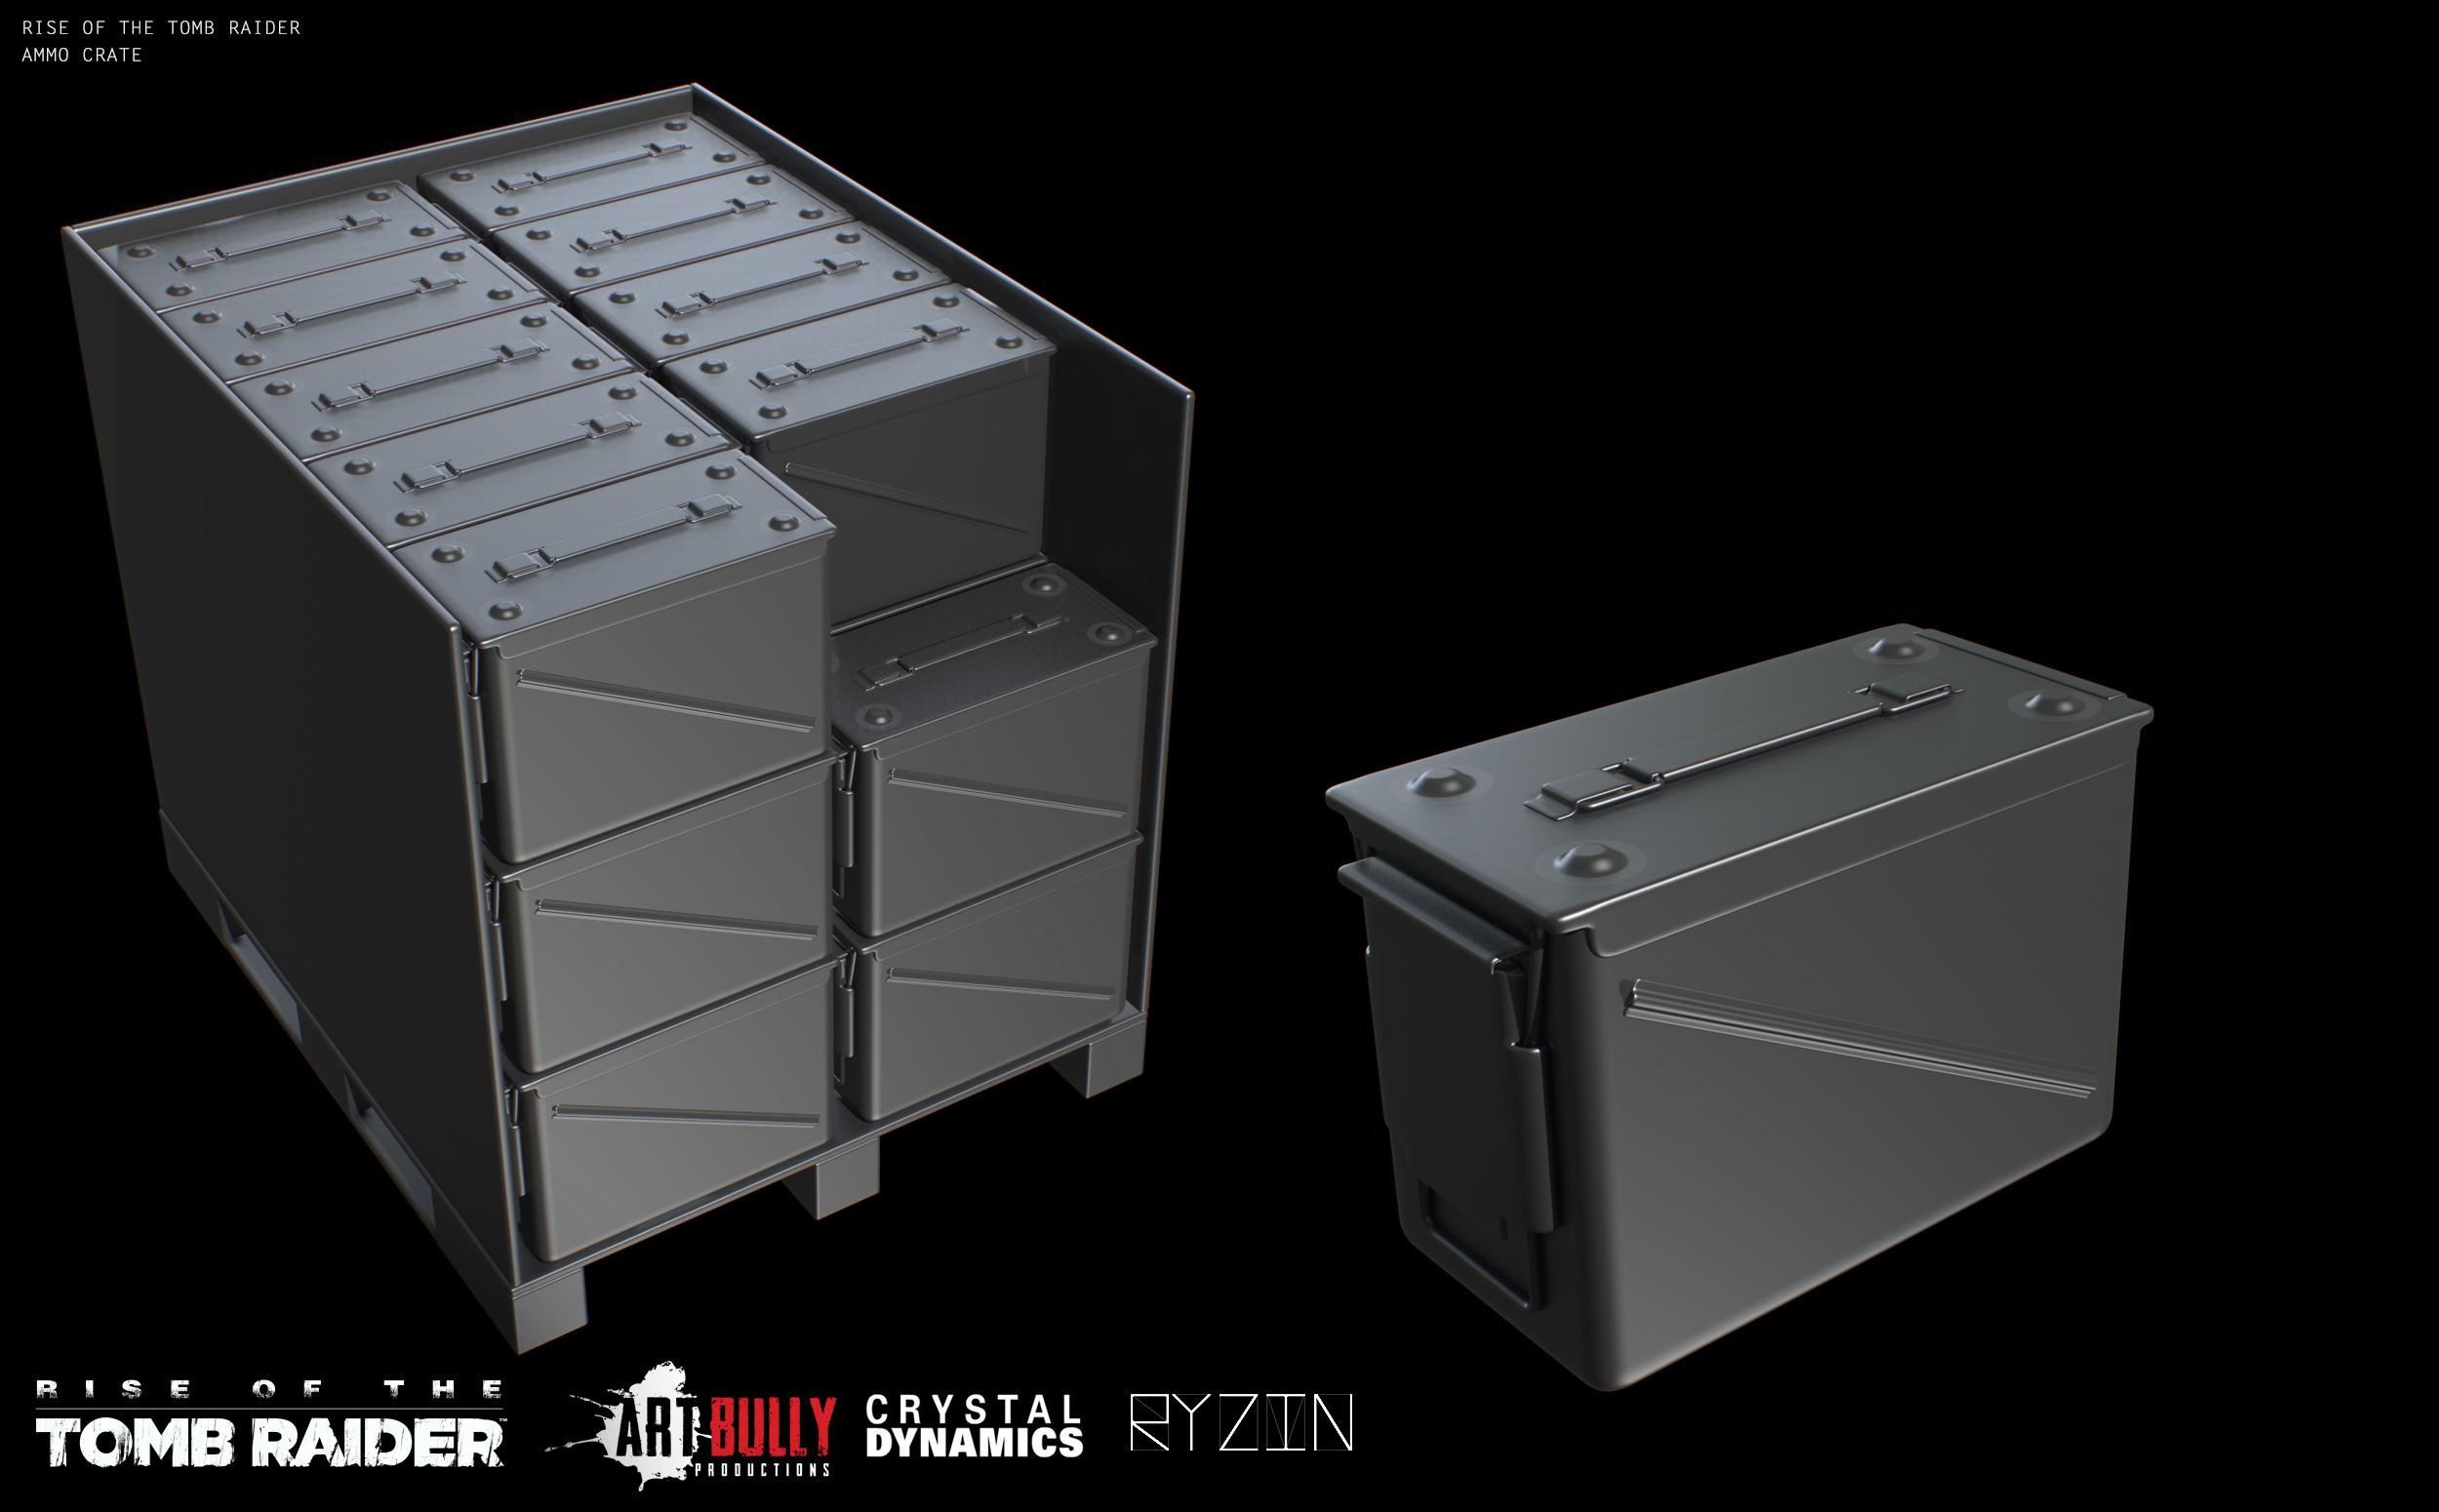 Ammo_crate.jpg